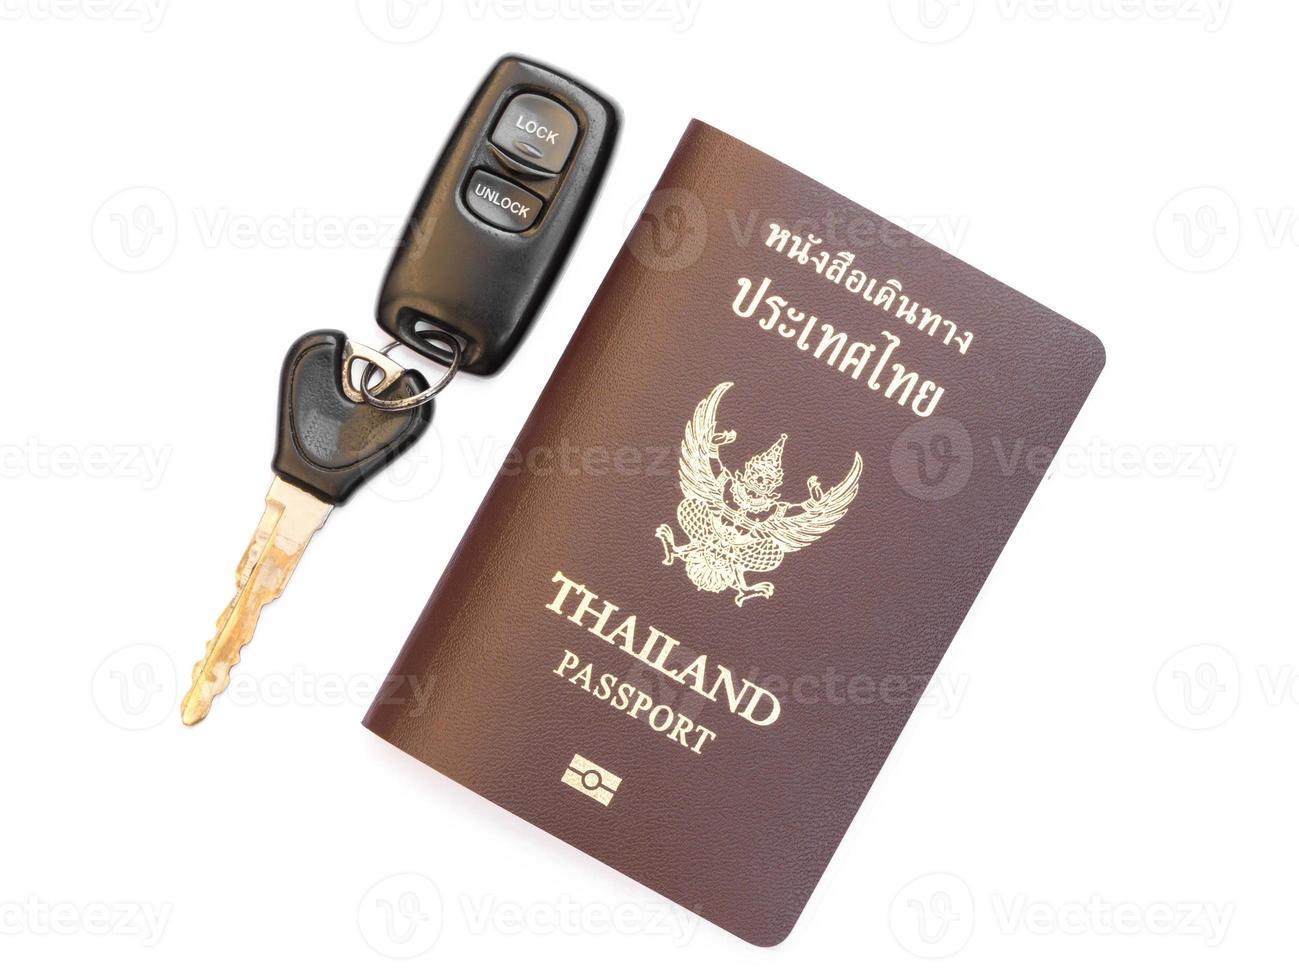 Passeport thaïlande avec clé de voiture sur blanc photo